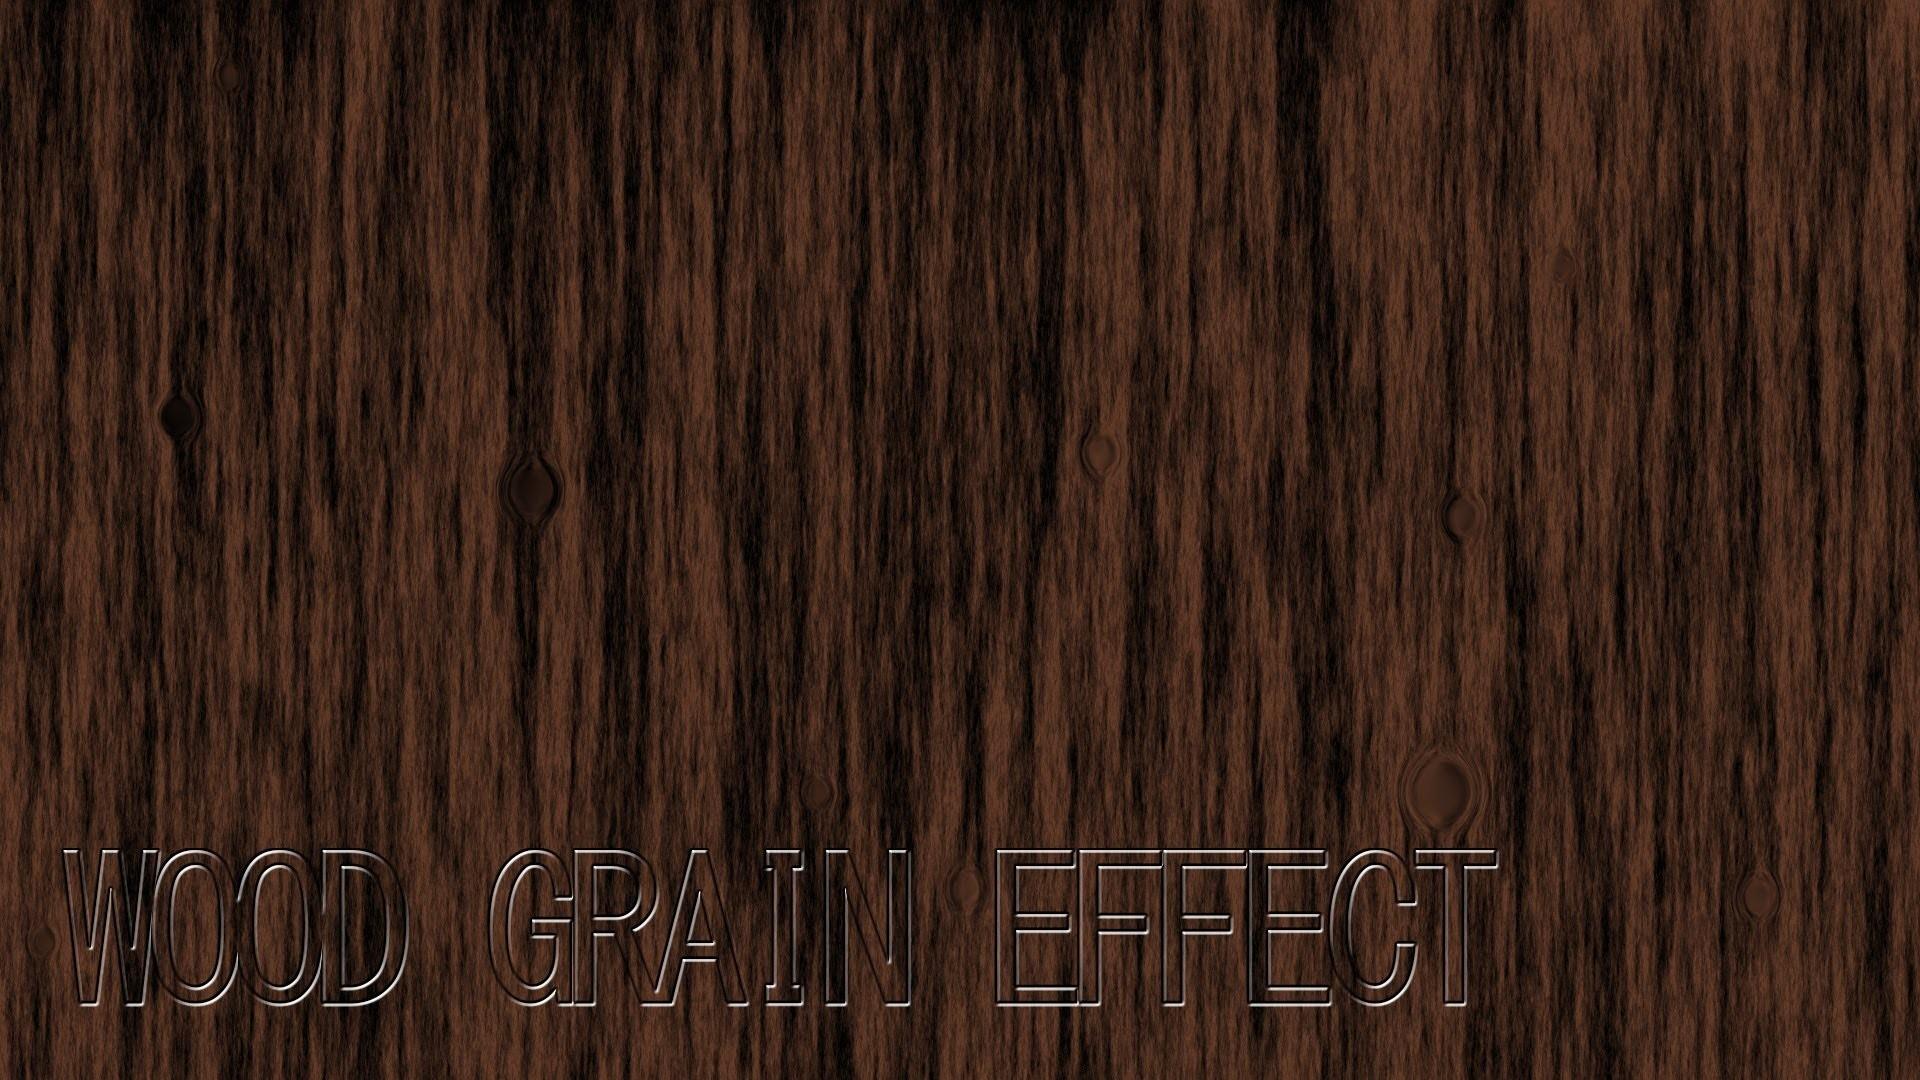 Wood Grain Wallpaper Hd: Oak Wood Grain Wallpaper (41+ Images